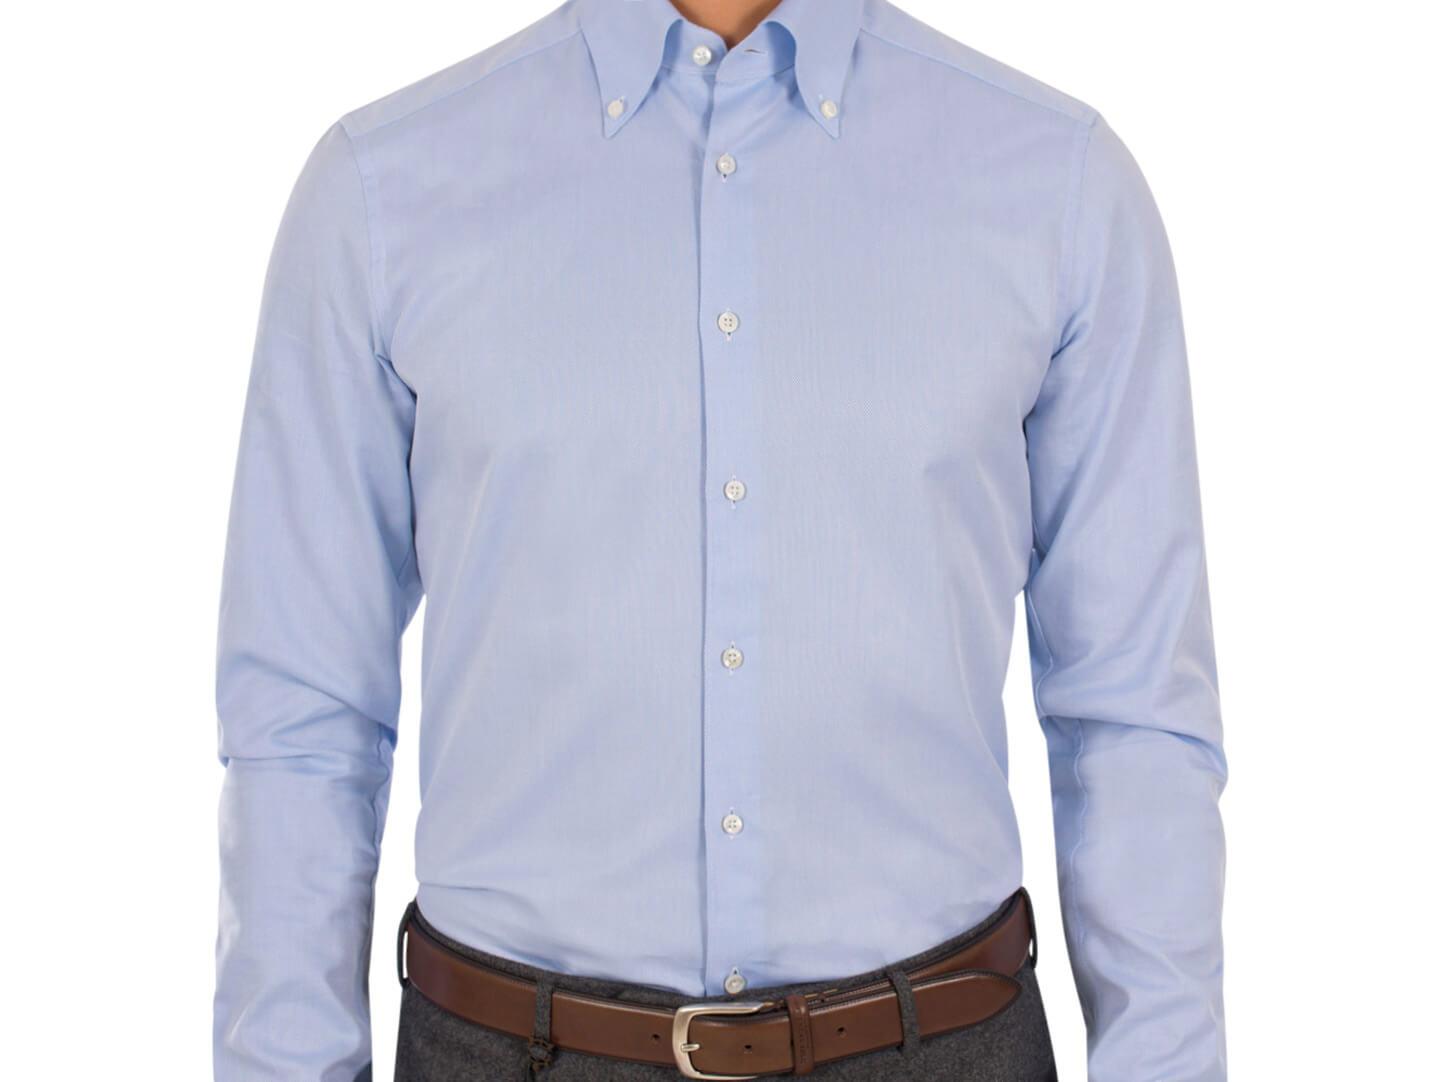 16fe0d1e503f Hur ska en skjorta sitta? | Uppdaterad 2018-04-24